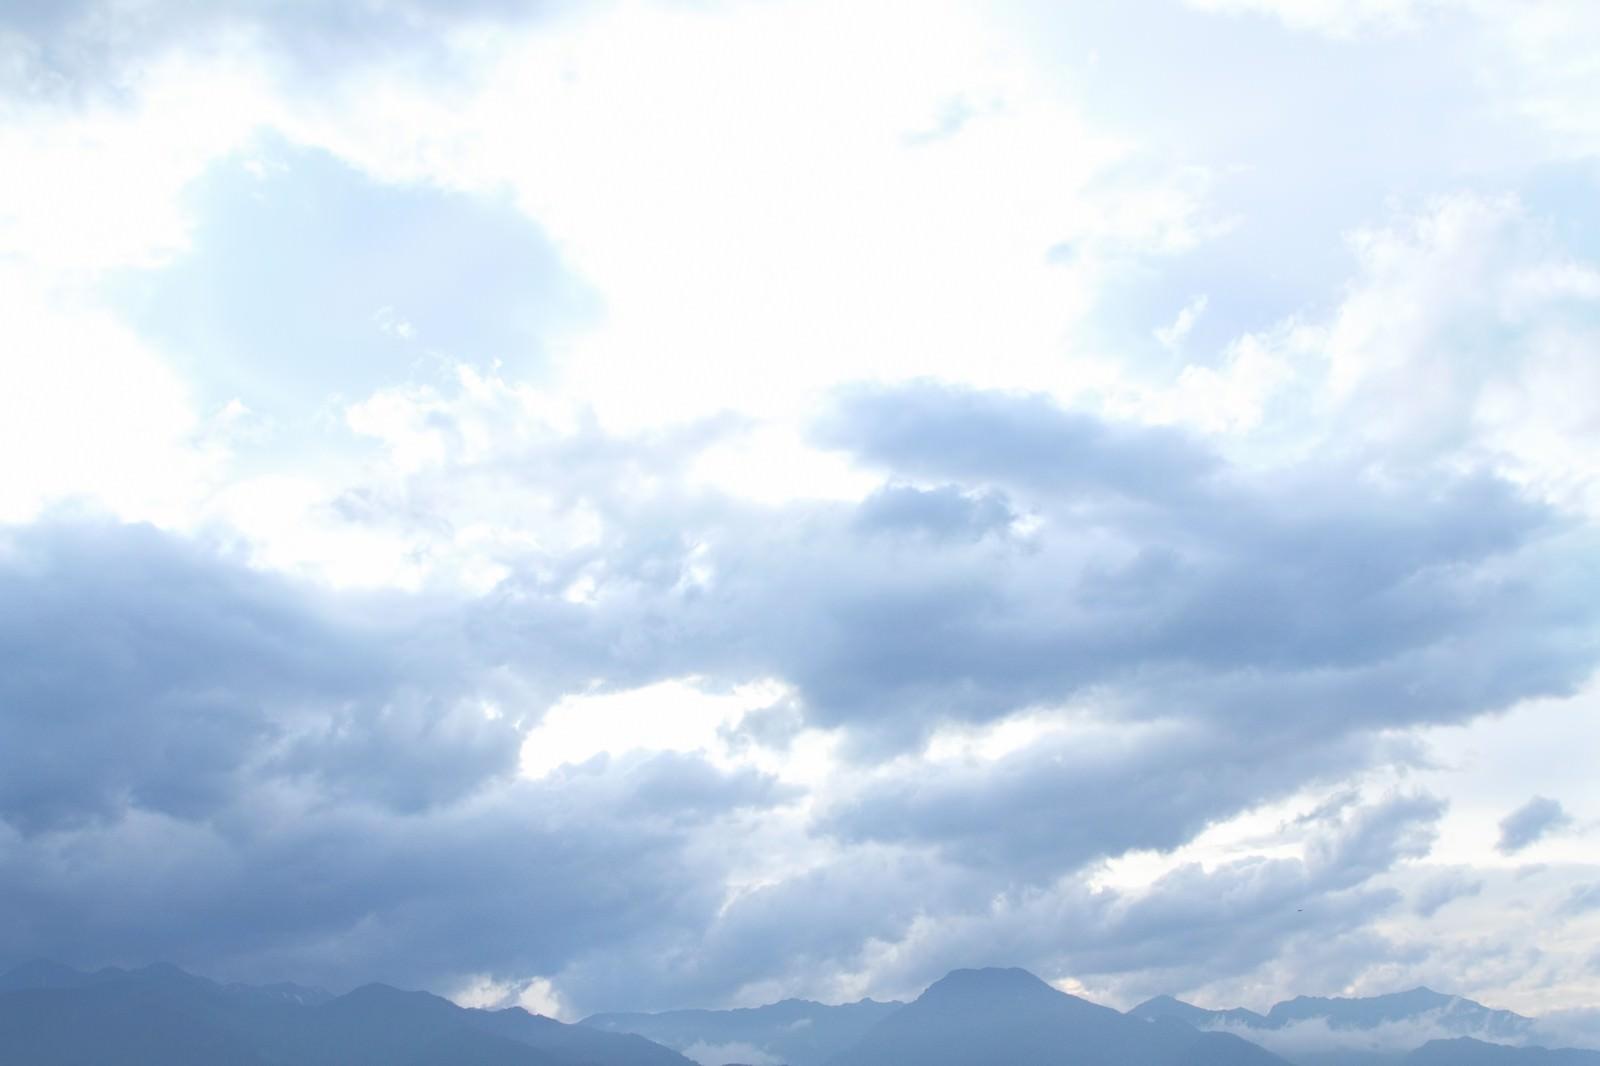 「アルプスの山々と雲」の写真